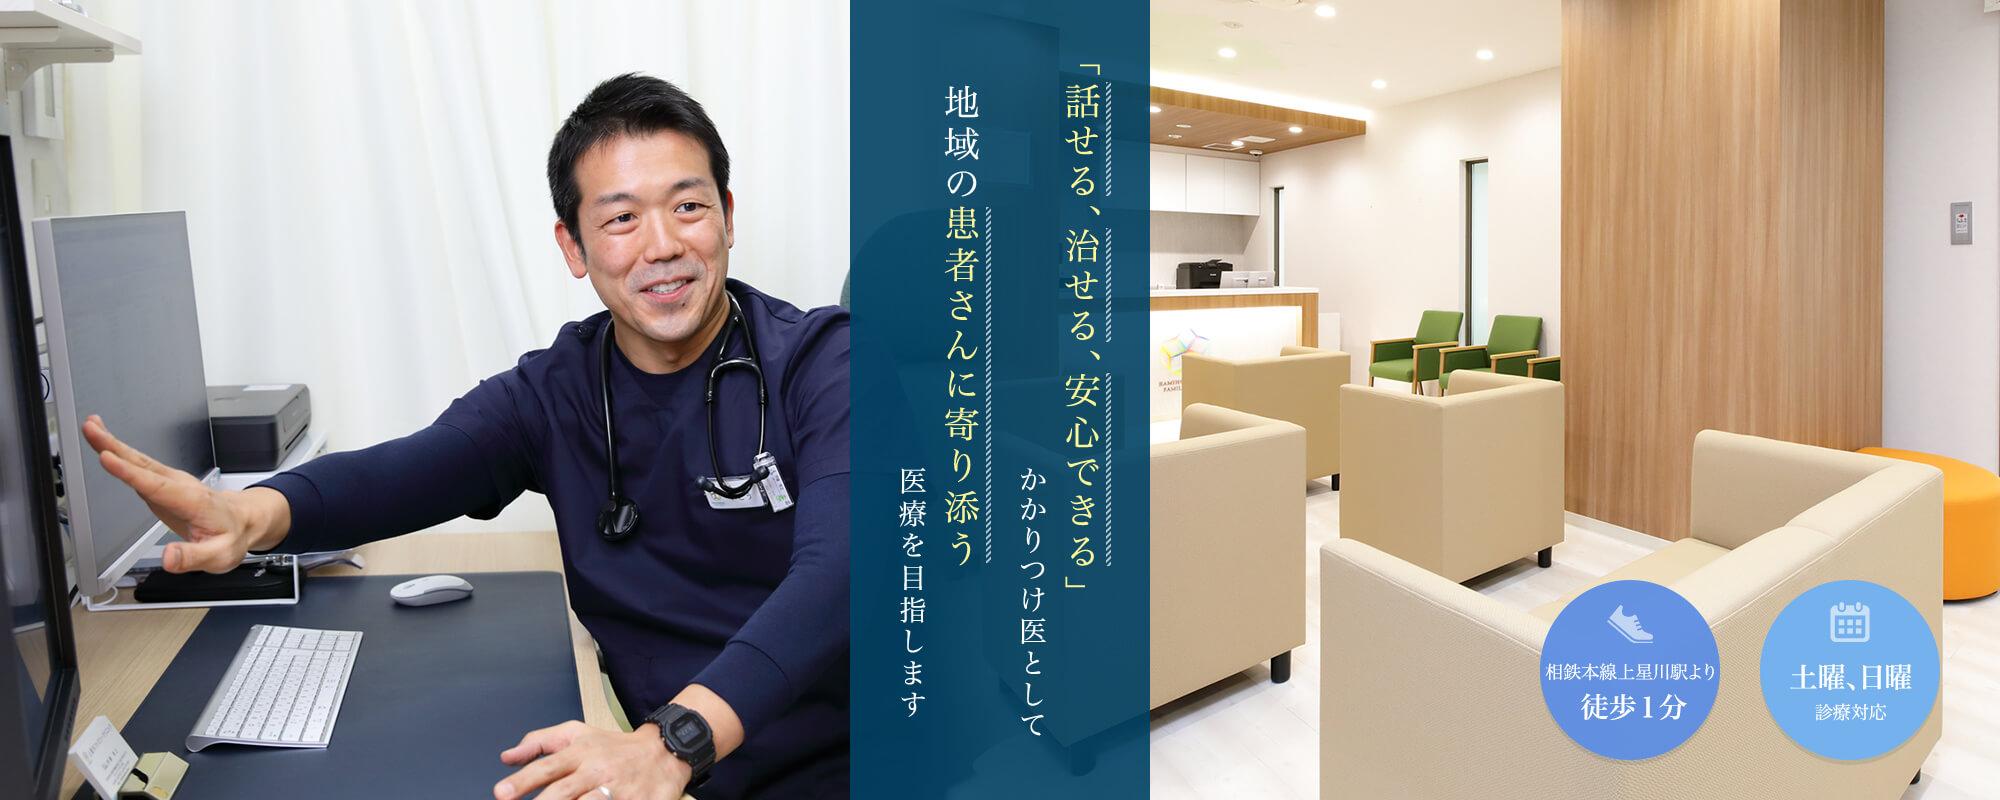 「話せる、治せる、安心できる」かかりつけ医として地域の患者さんに寄り添う医療を目指します